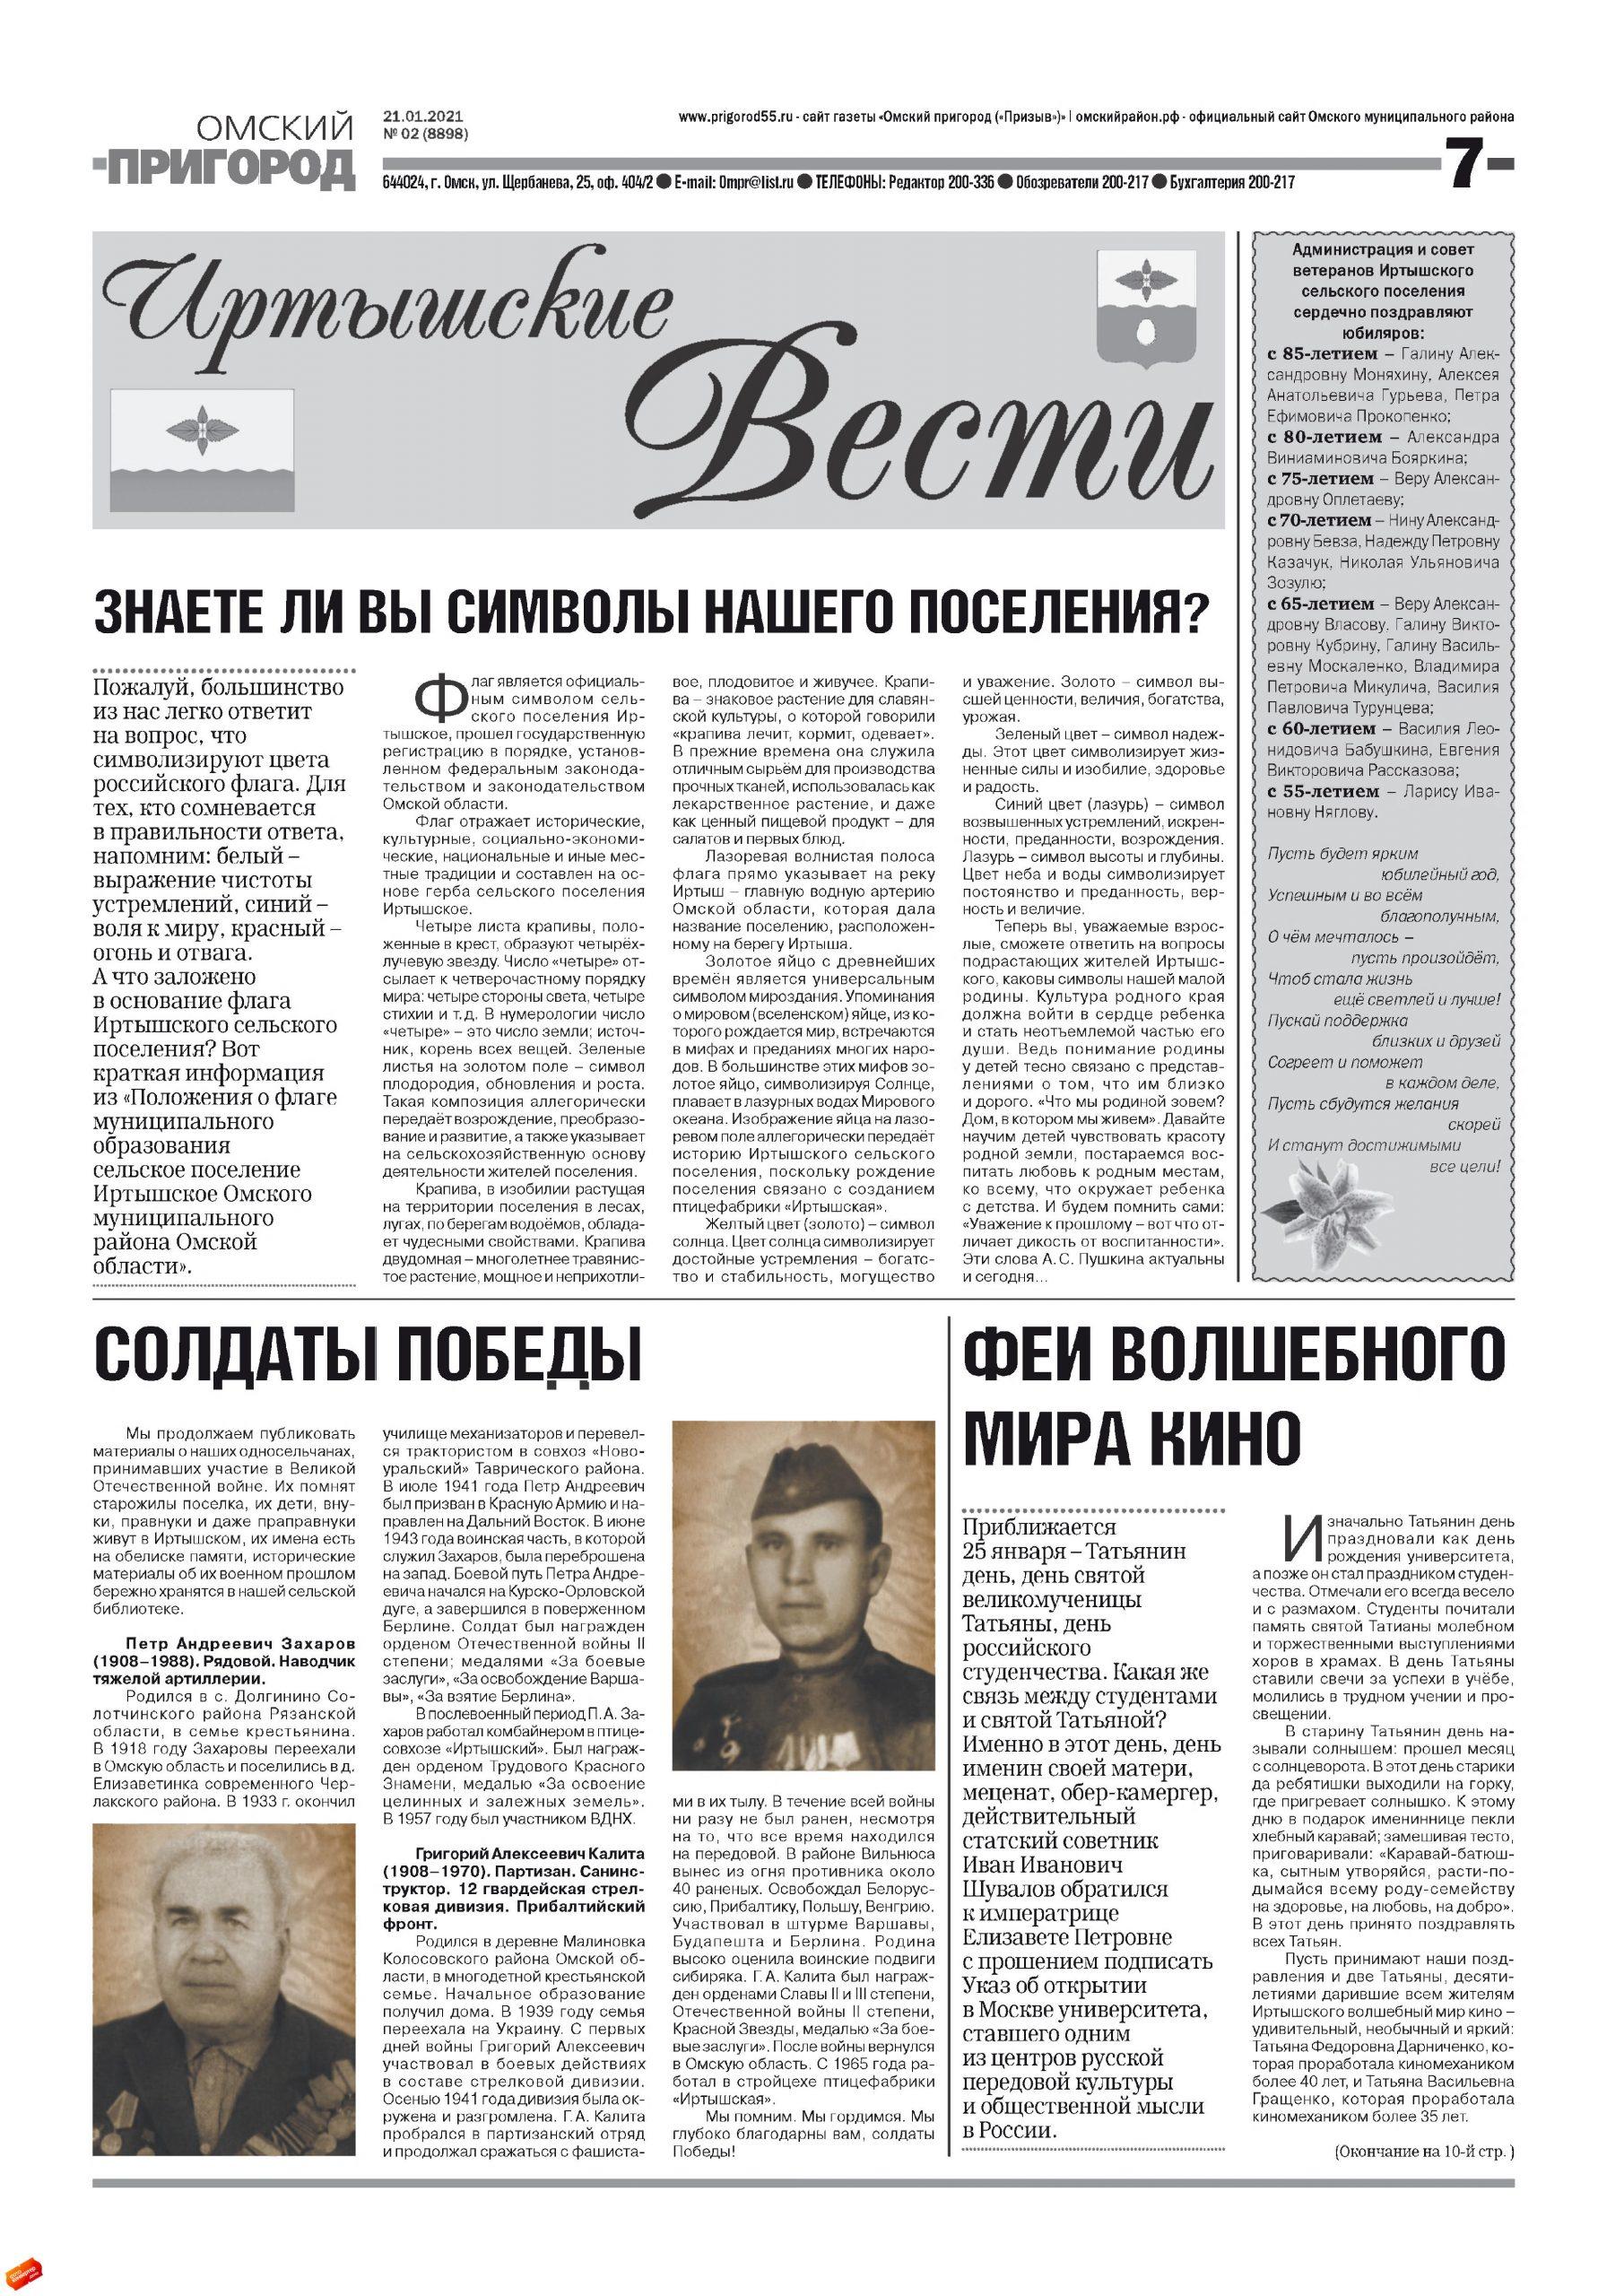 Изображение газеты